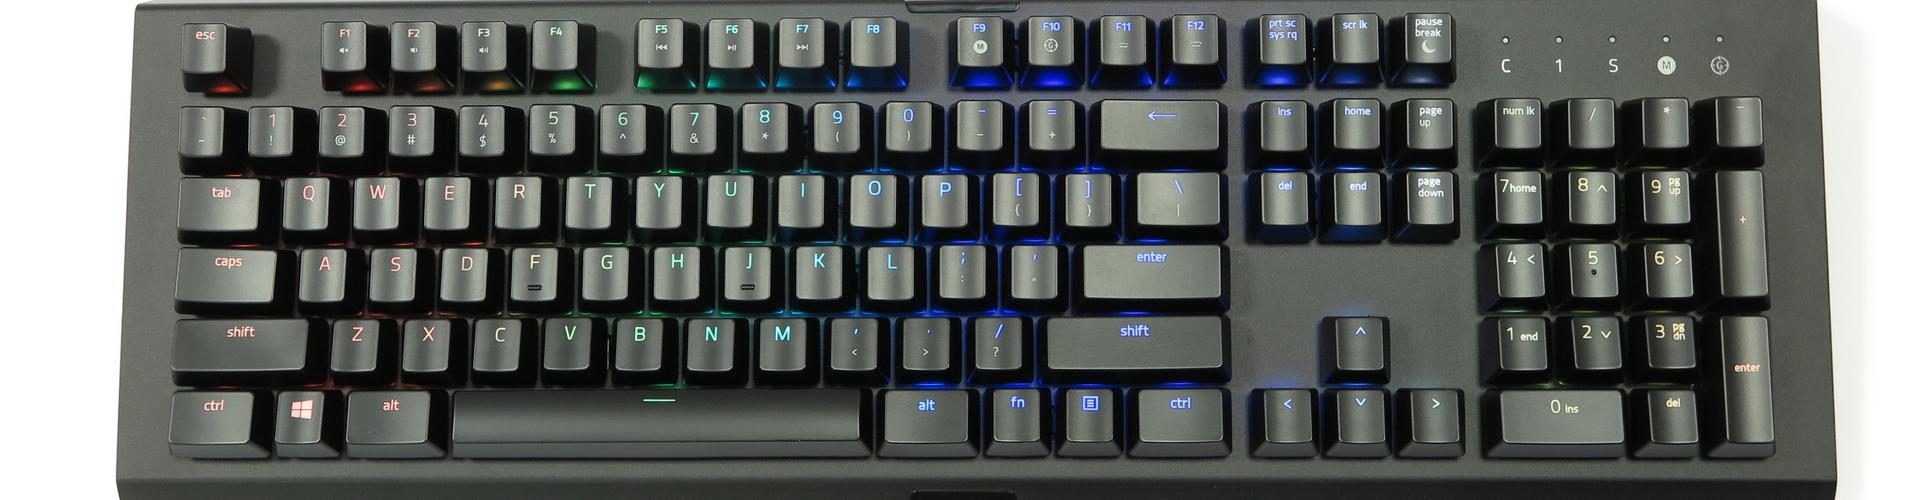 Razer Black Widow X Chroma Im Test Mehr Als Nur Modellpflege Keyboard Blackwidow Te